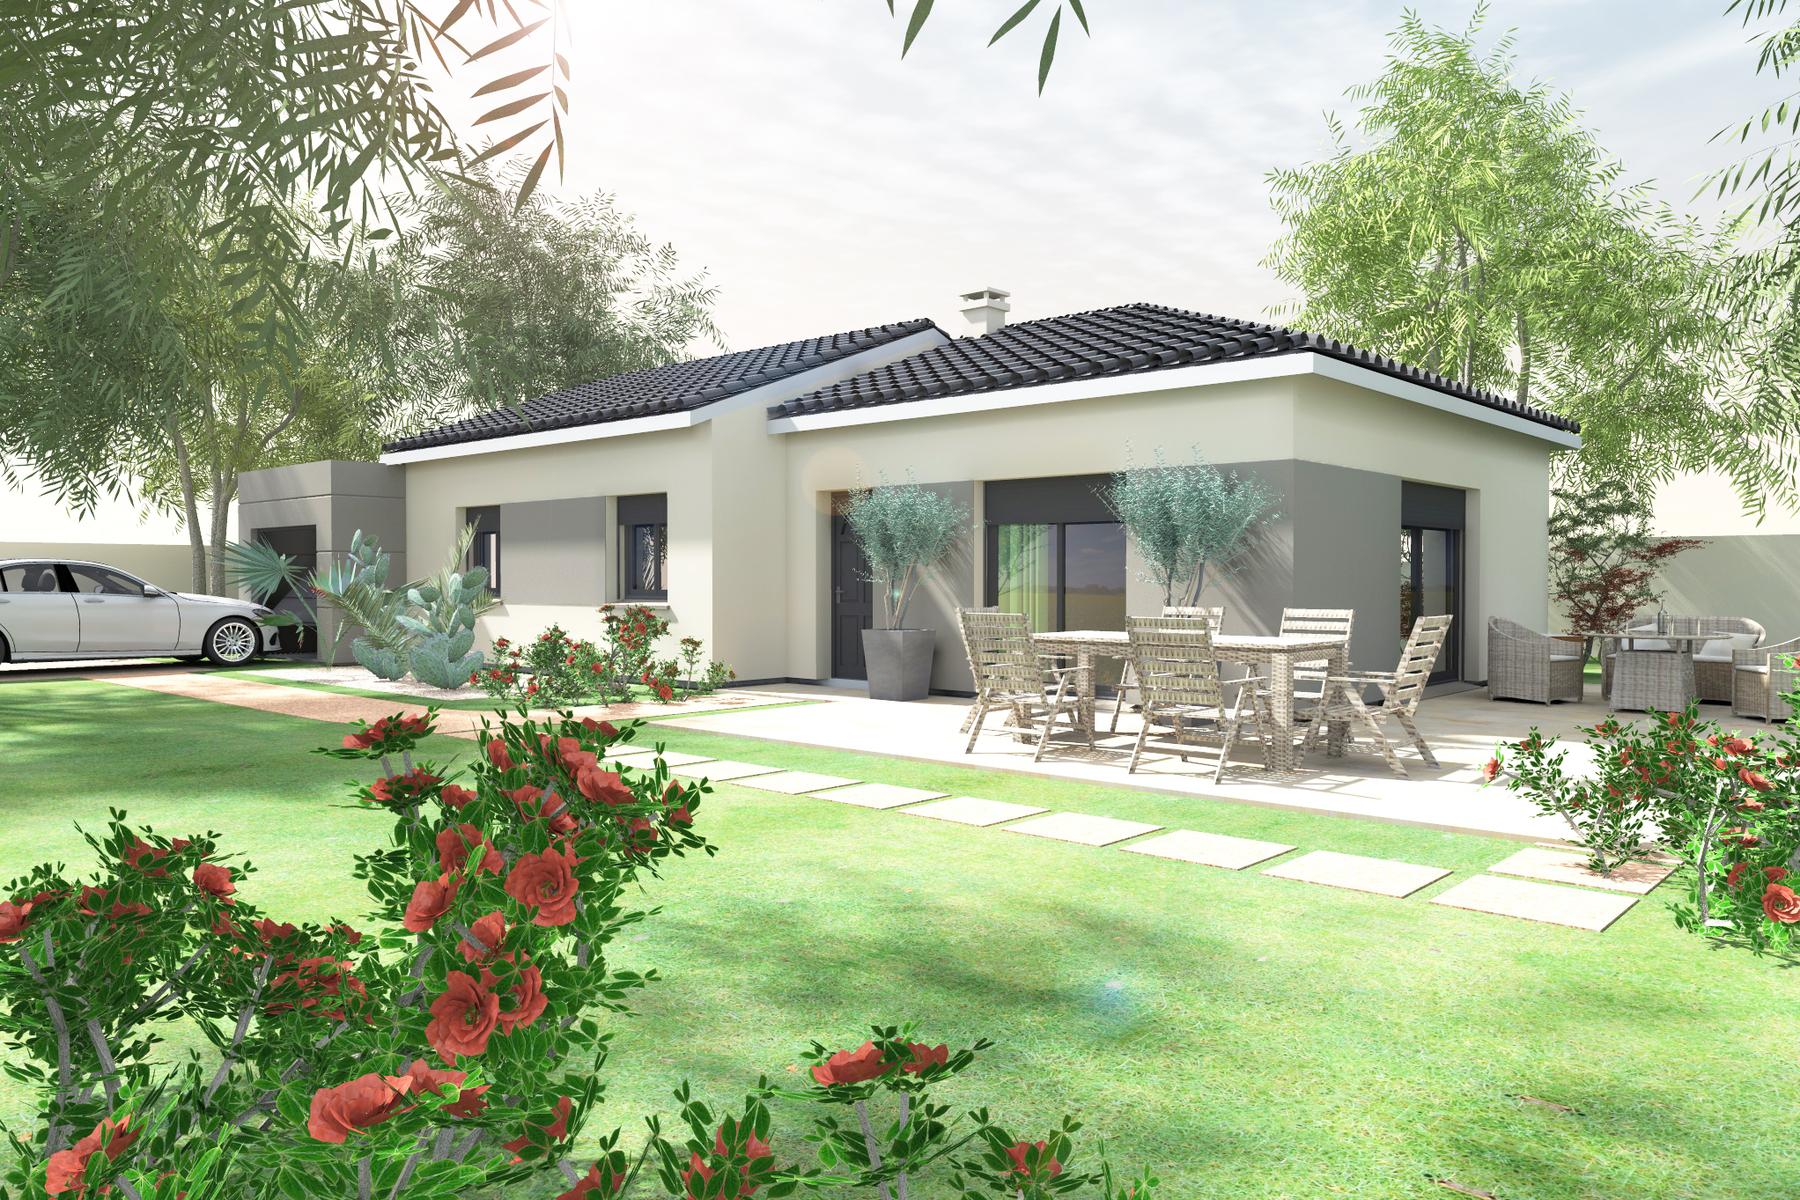 Maisons du constructeur BATI CONCEPT 26/07 • 91 m² • SAINT REMEZE